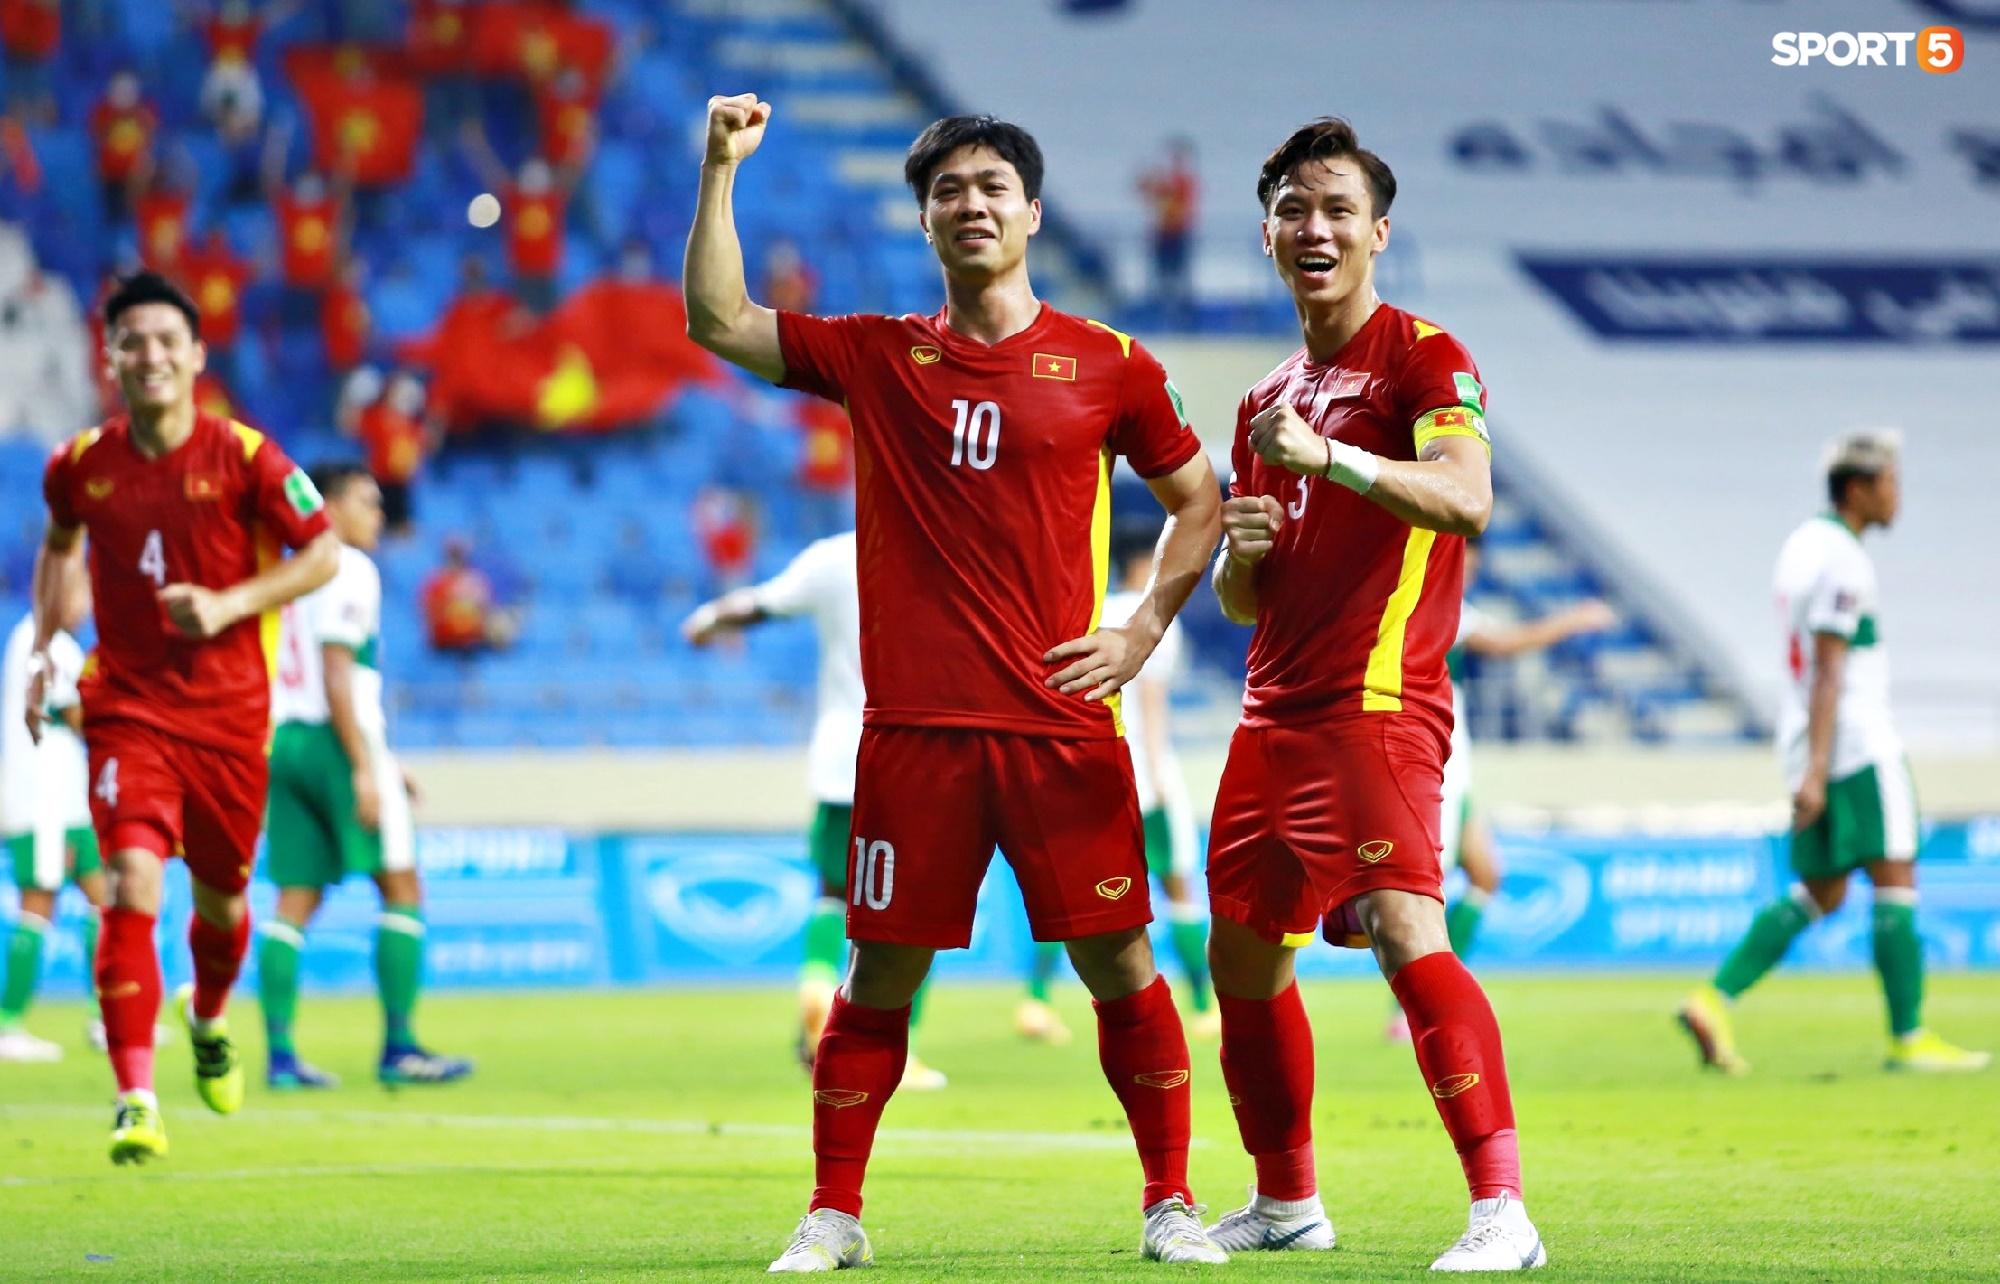 """Báo Trung Quốc muốn đội nhà có """"double-kill"""" trước Việt Nam, cầu thủ chỉ quan tâm đến Nhật Bản  - Ảnh 1."""